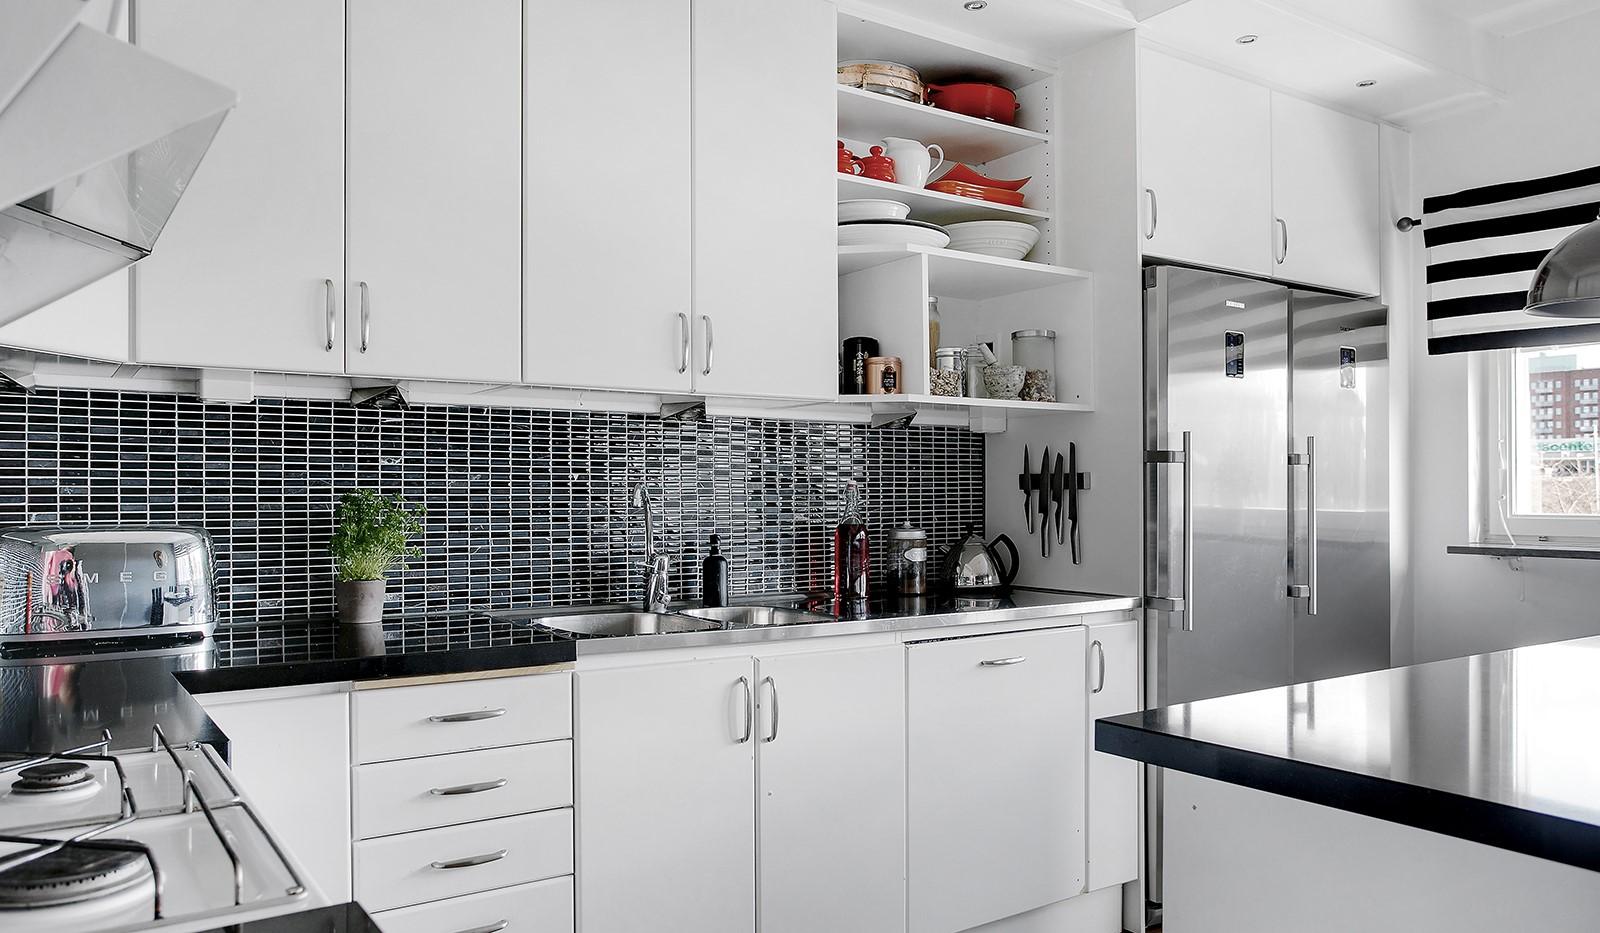 Sickla Kanalgata 64, vån 4 & 5 - Köket är fullt utrustat med vitvaror i rostfritt